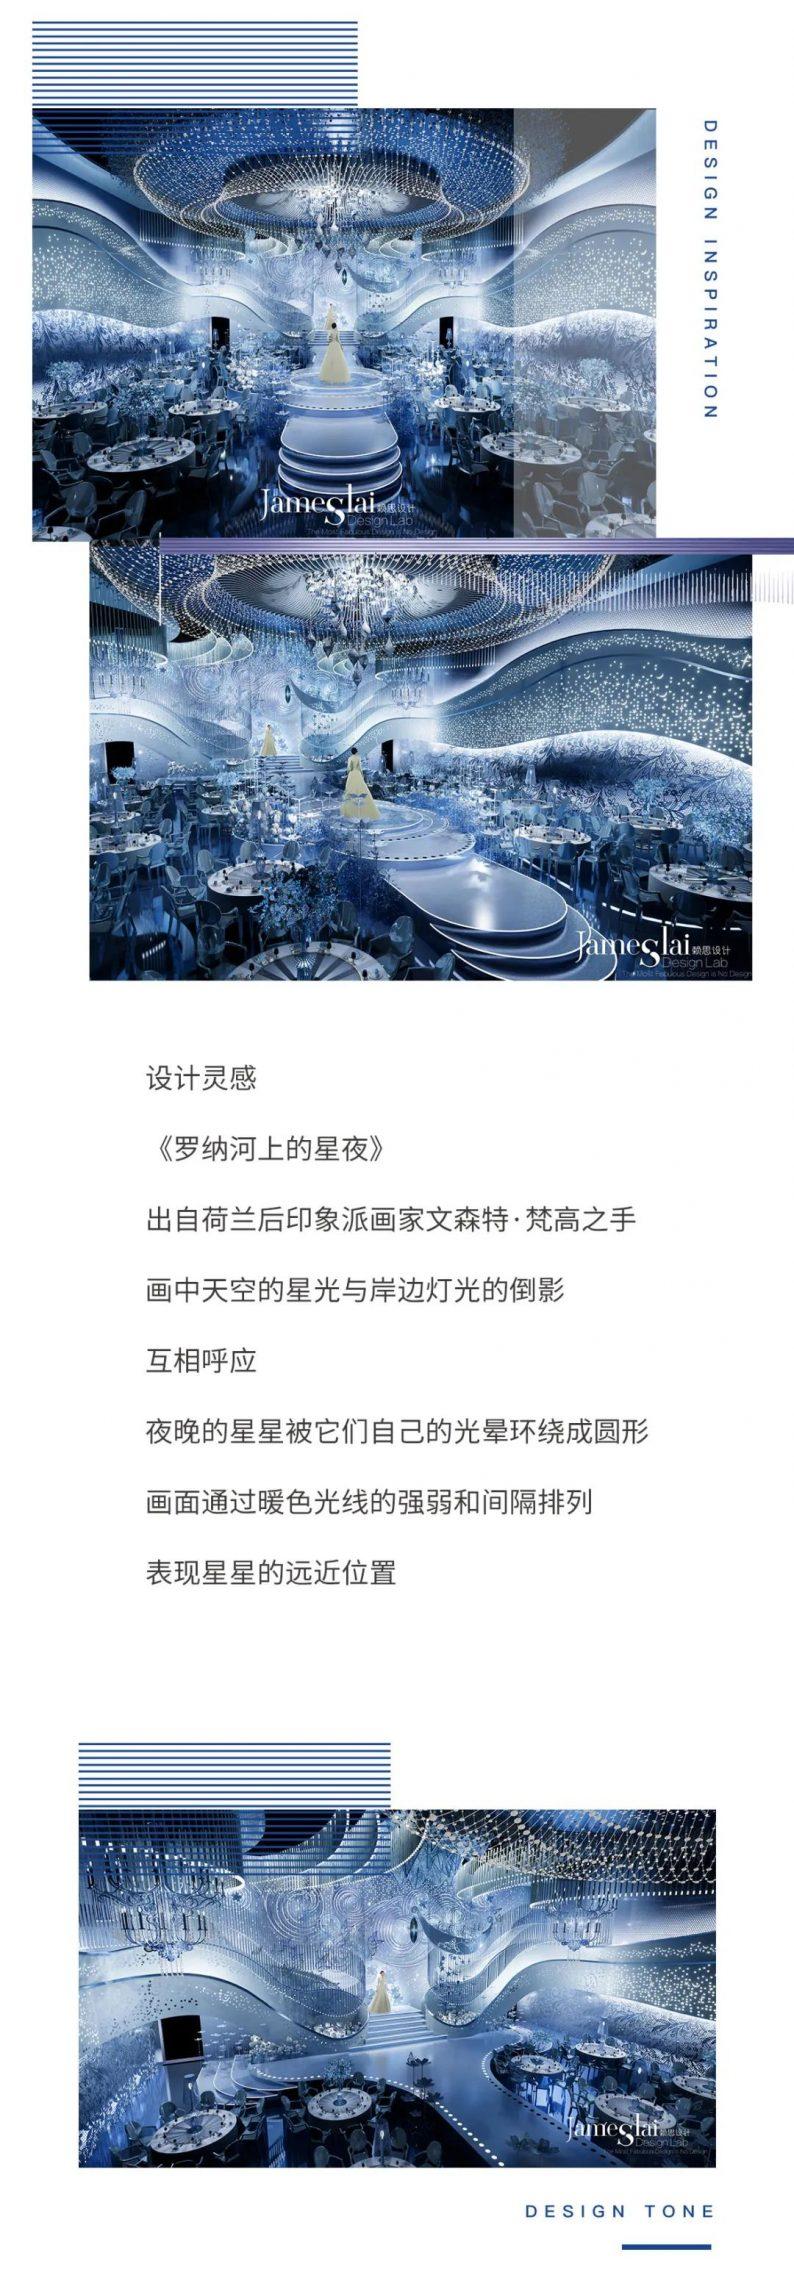 婚礼堂发布:James赖设计!2022禧悦酒店全新主题即将绽放  第3张